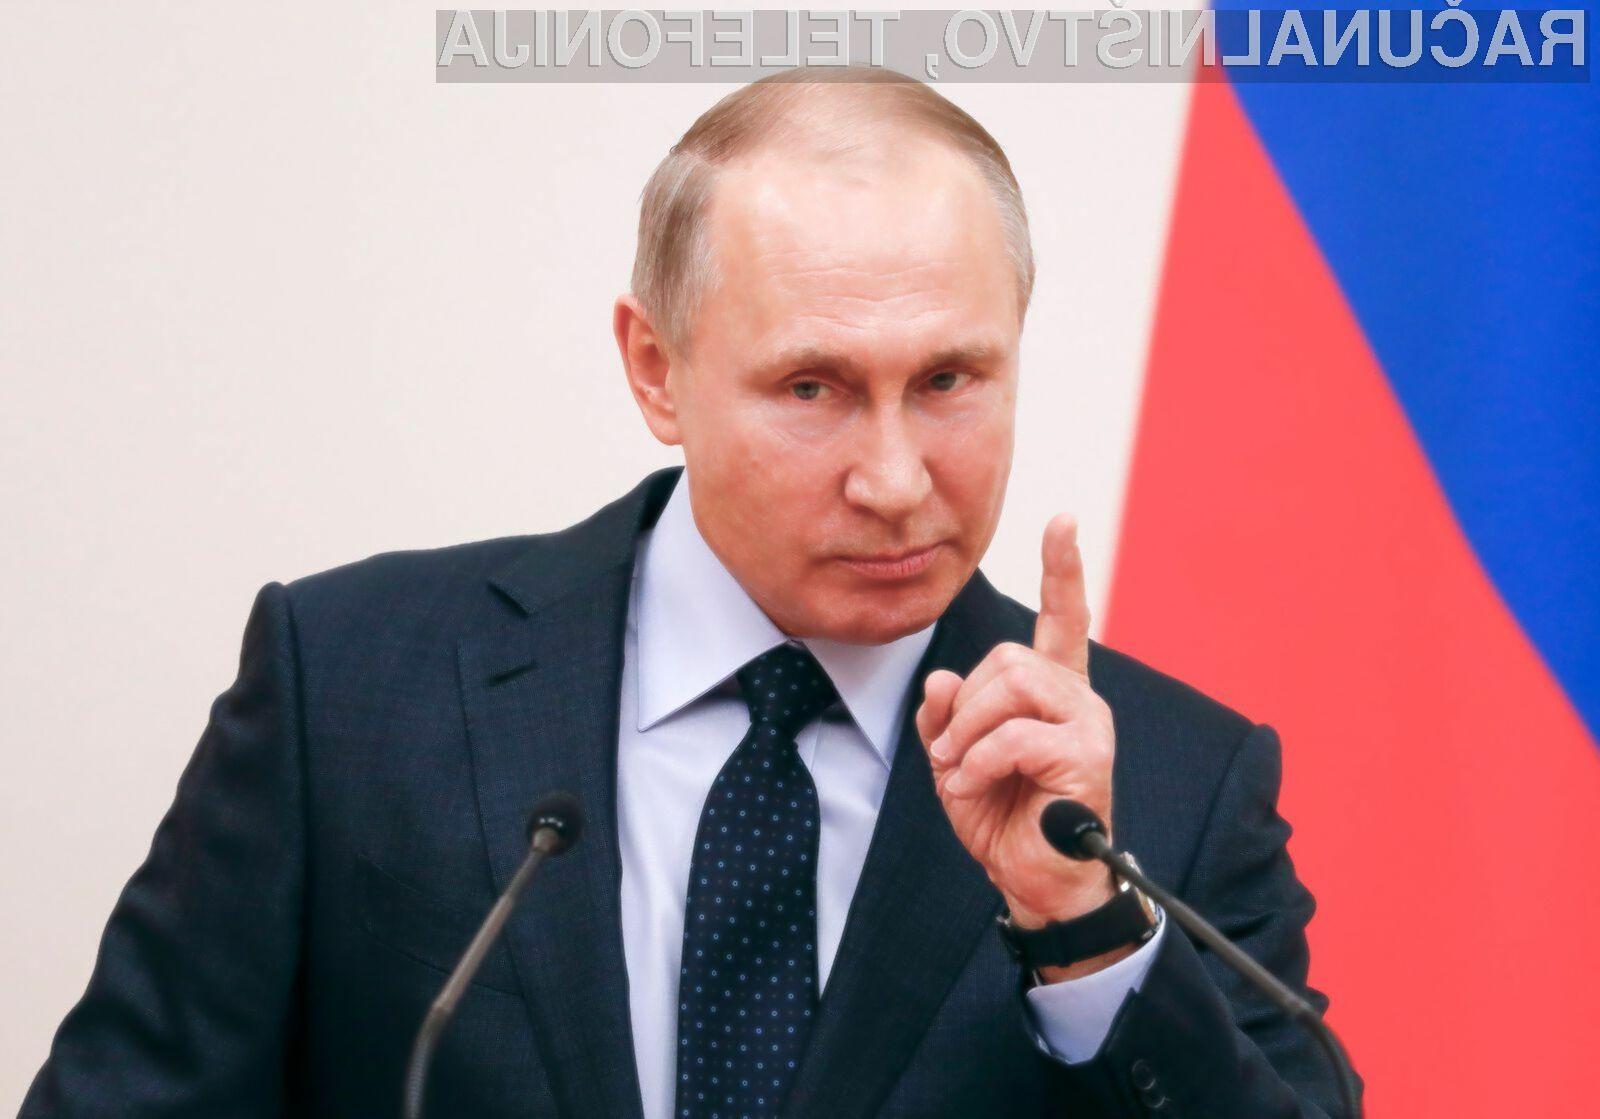 Rusija vojakom prepovedala uporabo pametnih telefonov